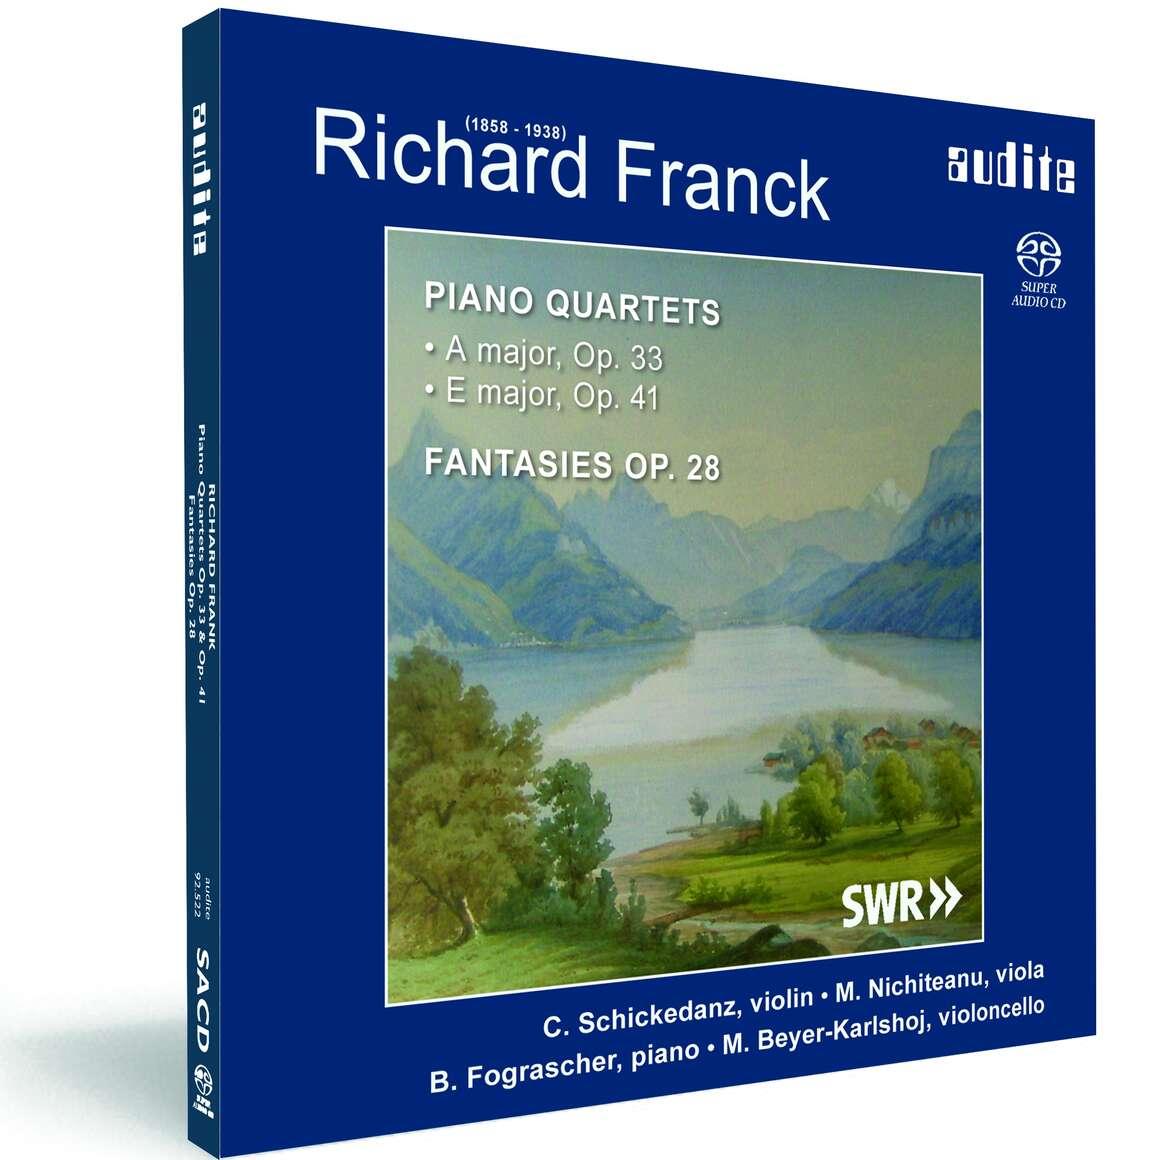 R. Franck: Piano Quartets & Fantasies